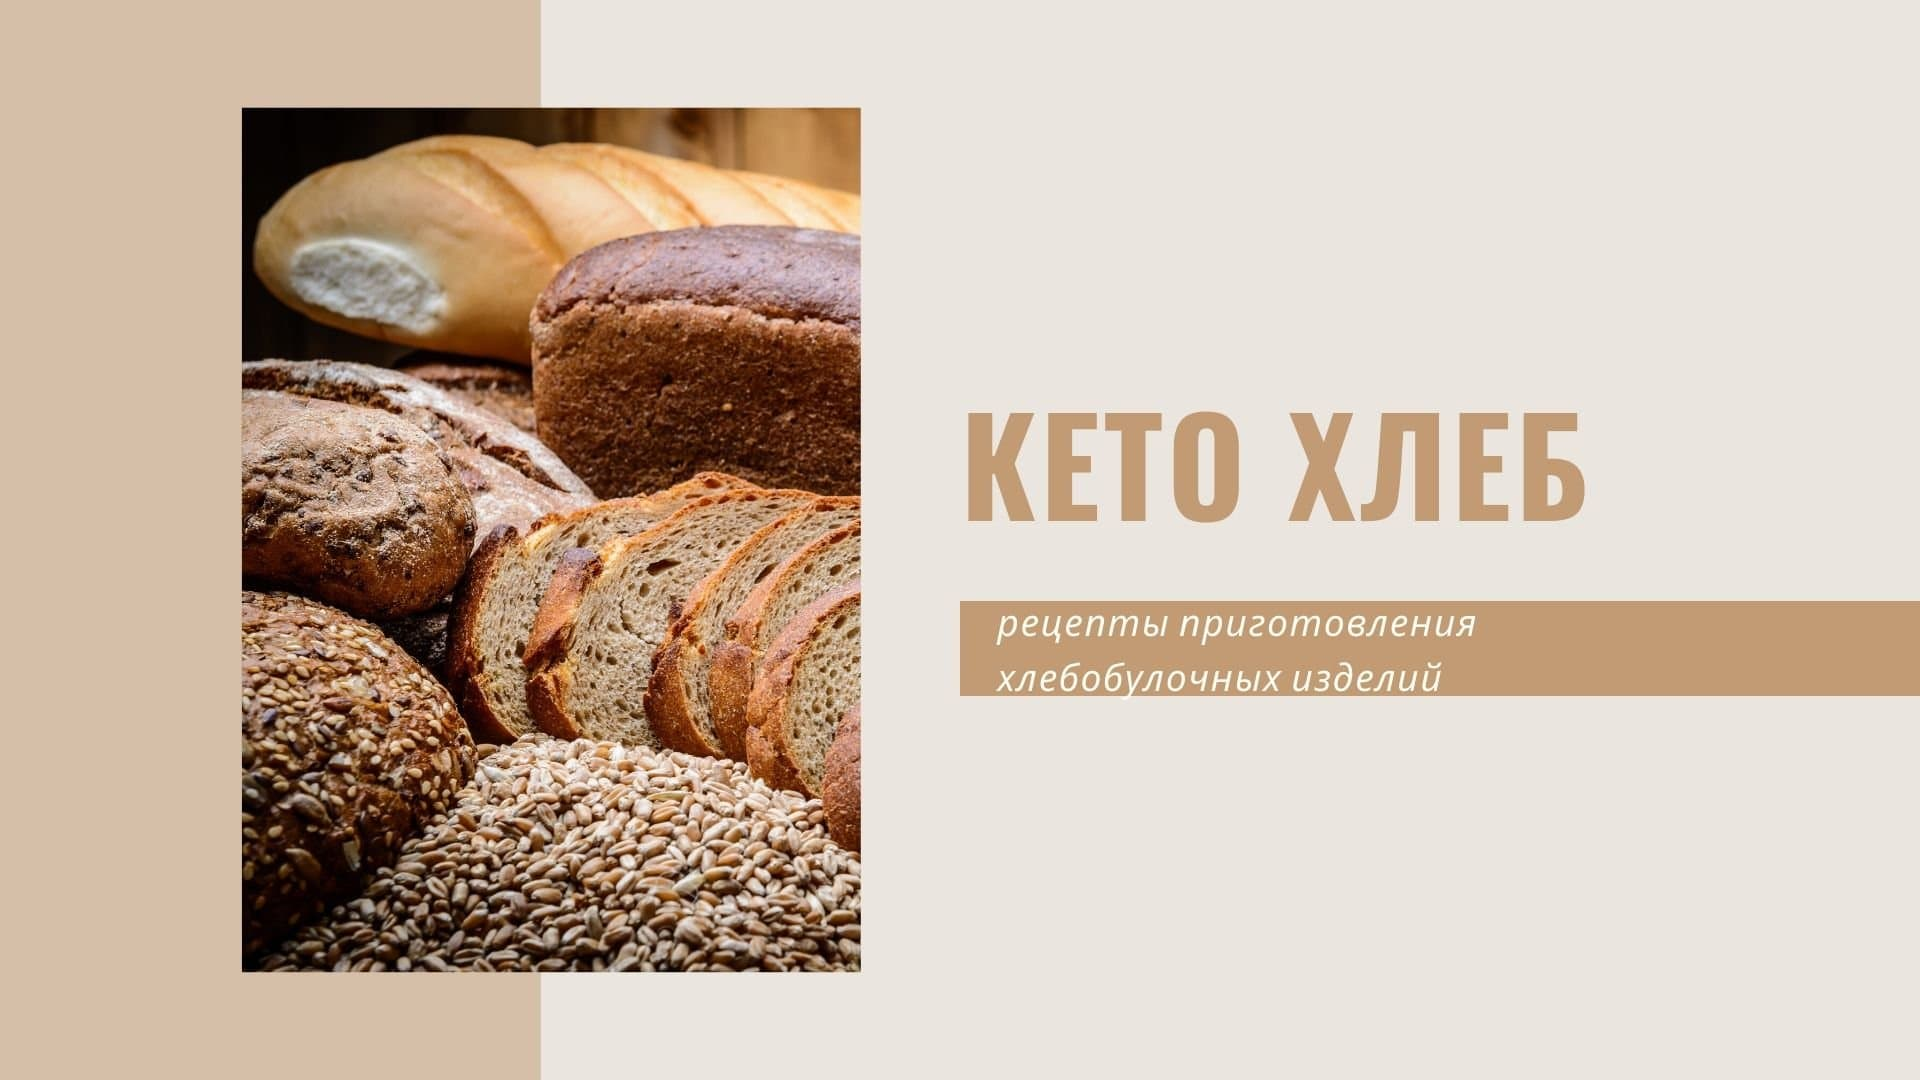 Кето хлеб: рецепты приготовления хлебобулочных изделий